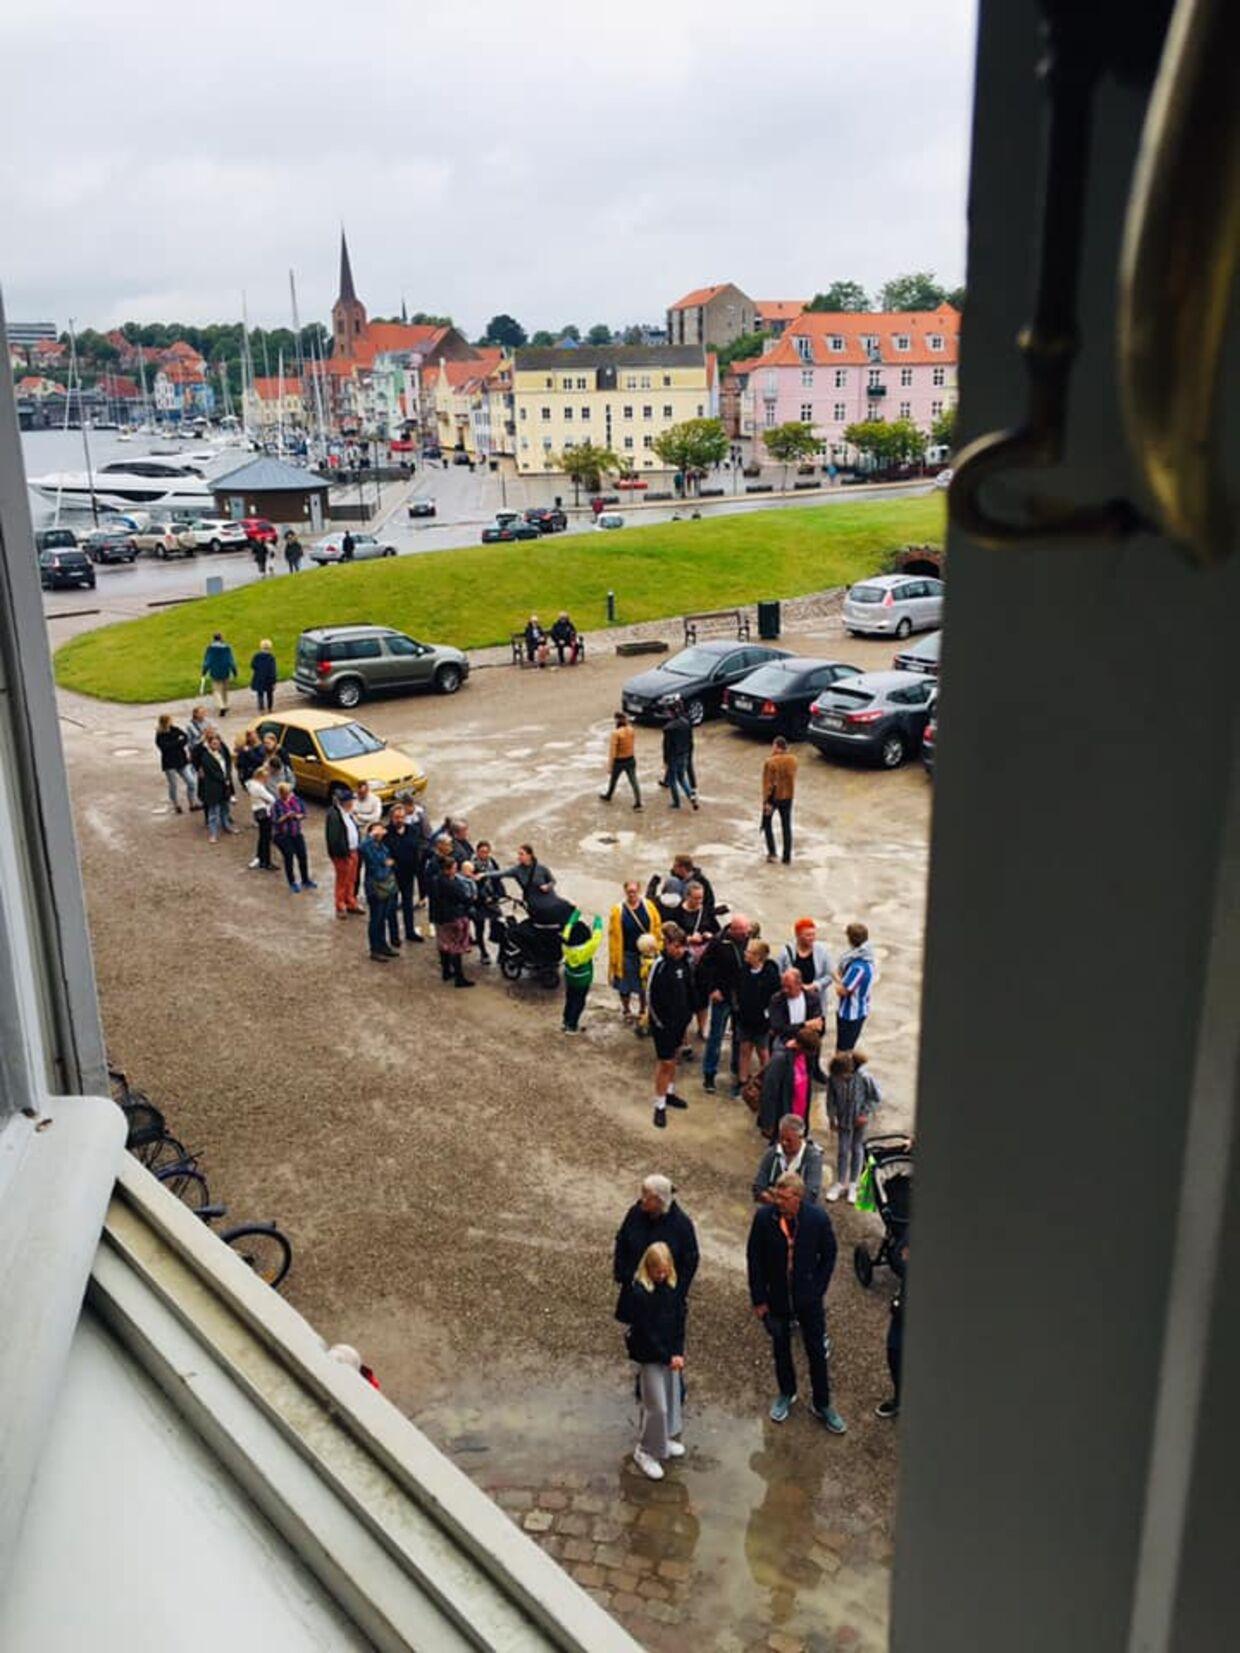 Sønderborg Slot havde allerede en halv time inden åbningen en lang kø af ventende gæster.